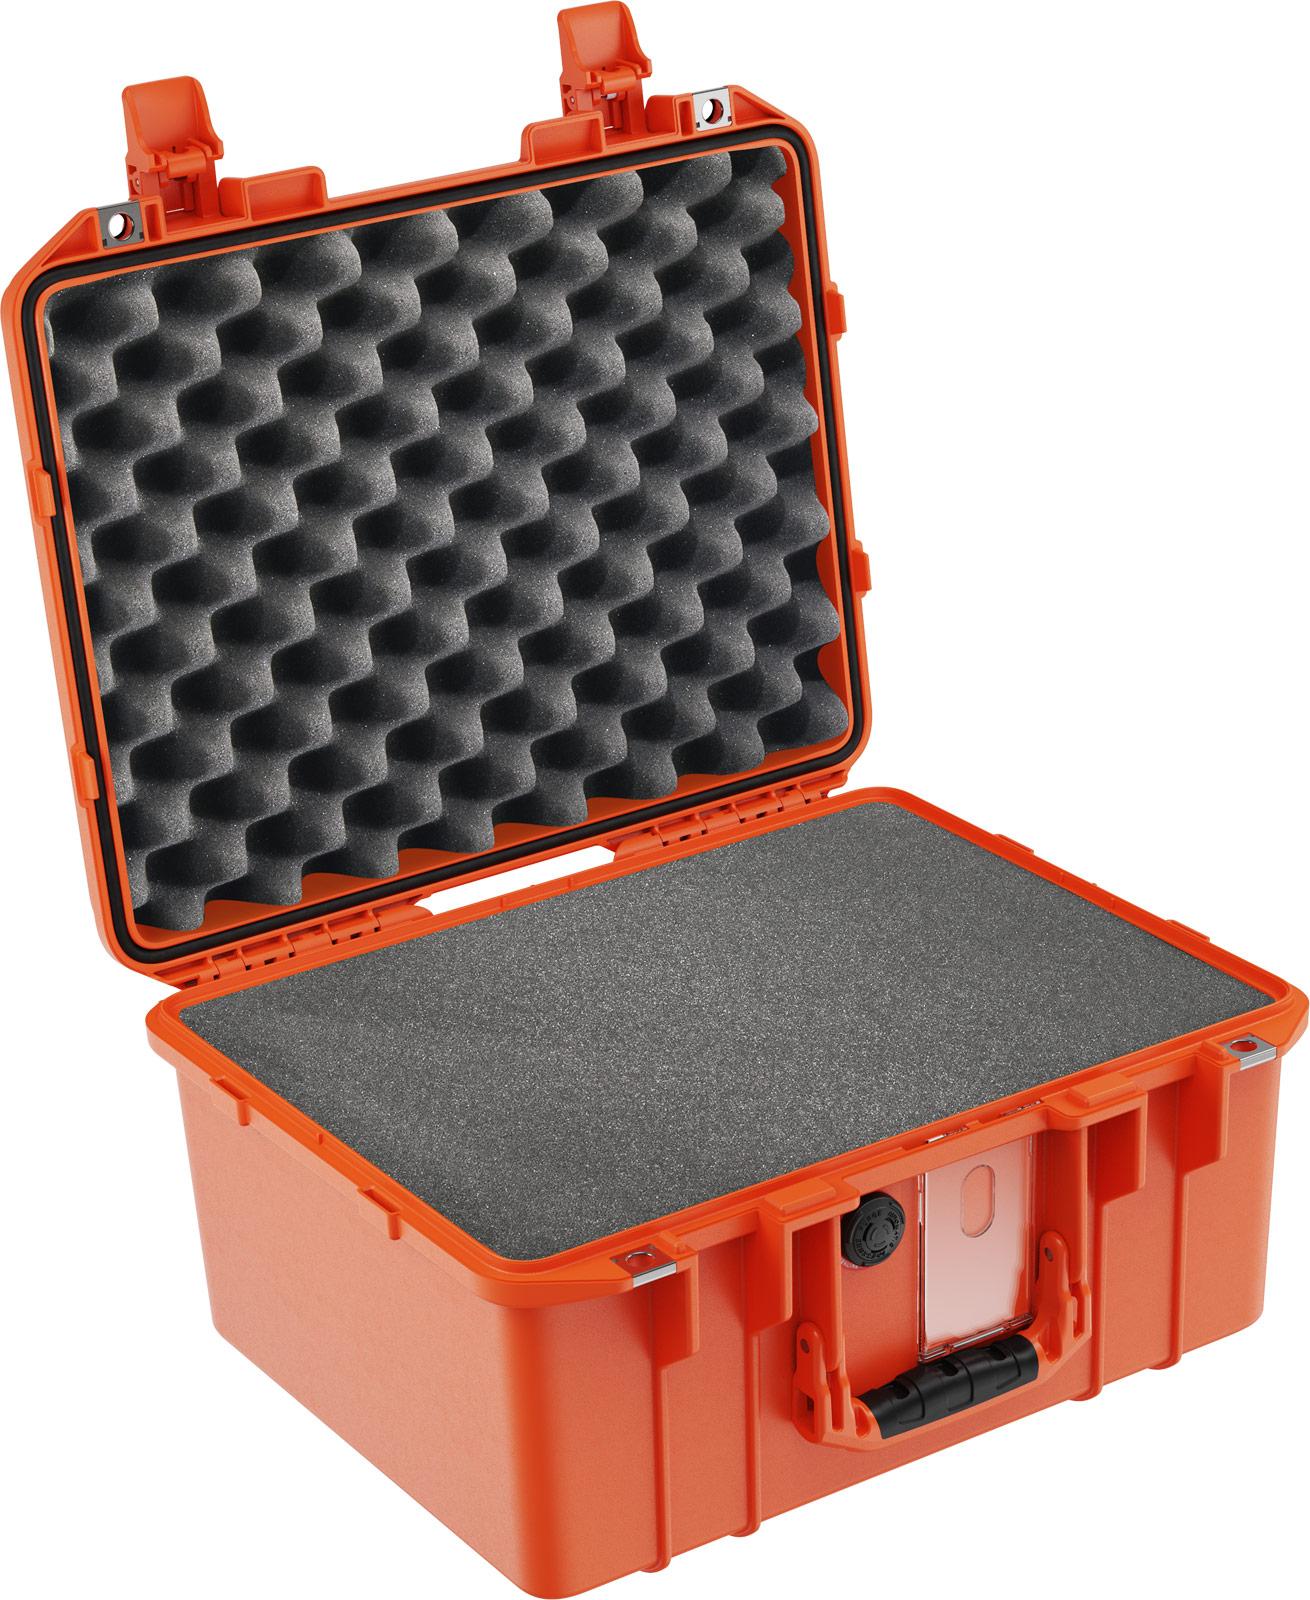 pelican air 1507 orange travel case